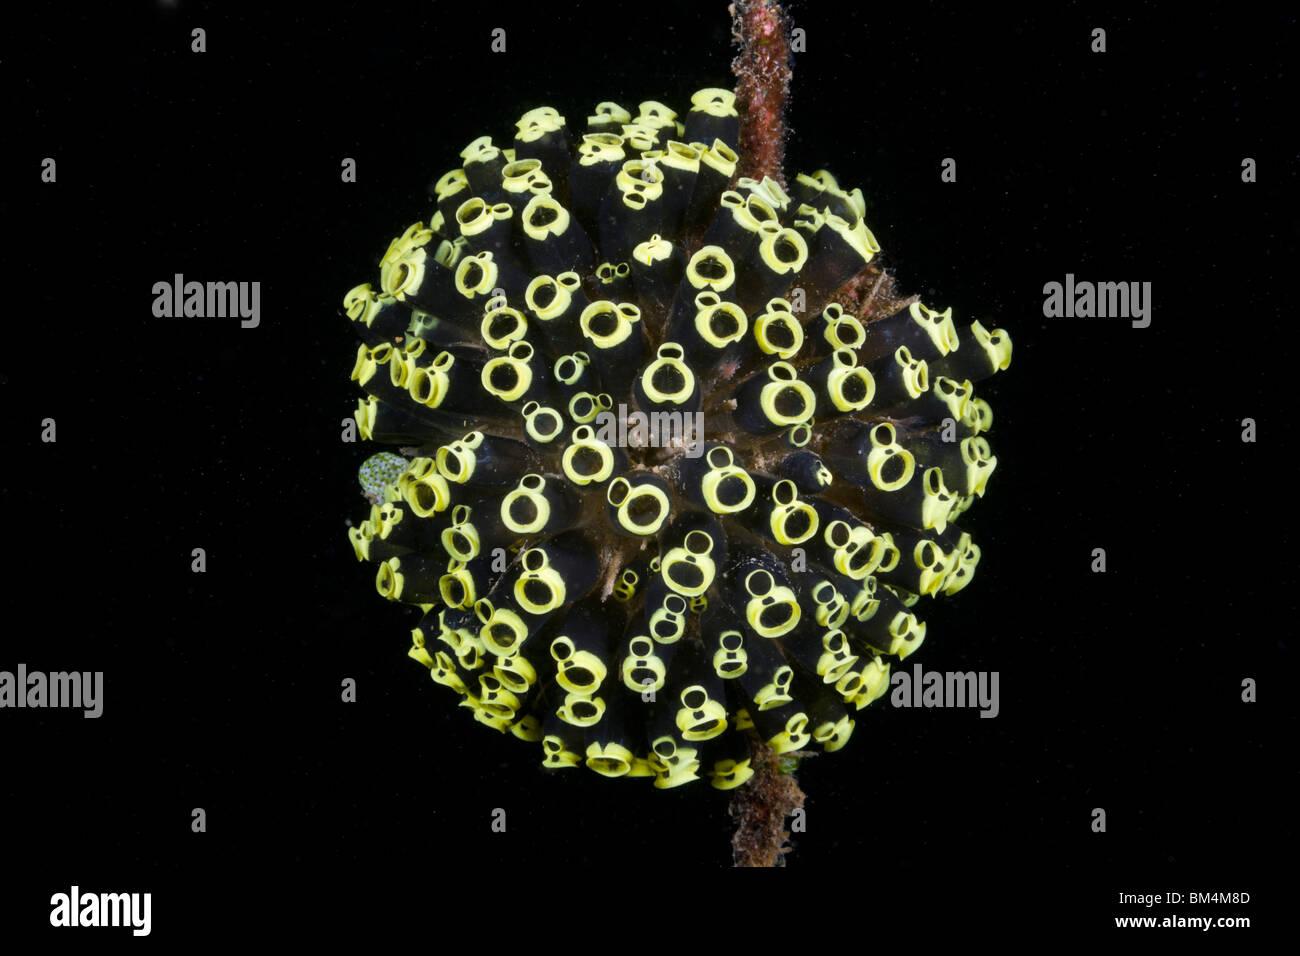 Kolonie von Manteltieren, Clavelina Robusta, Lembeh Strait, Nord-Sulawesi, Indonesien Stockbild